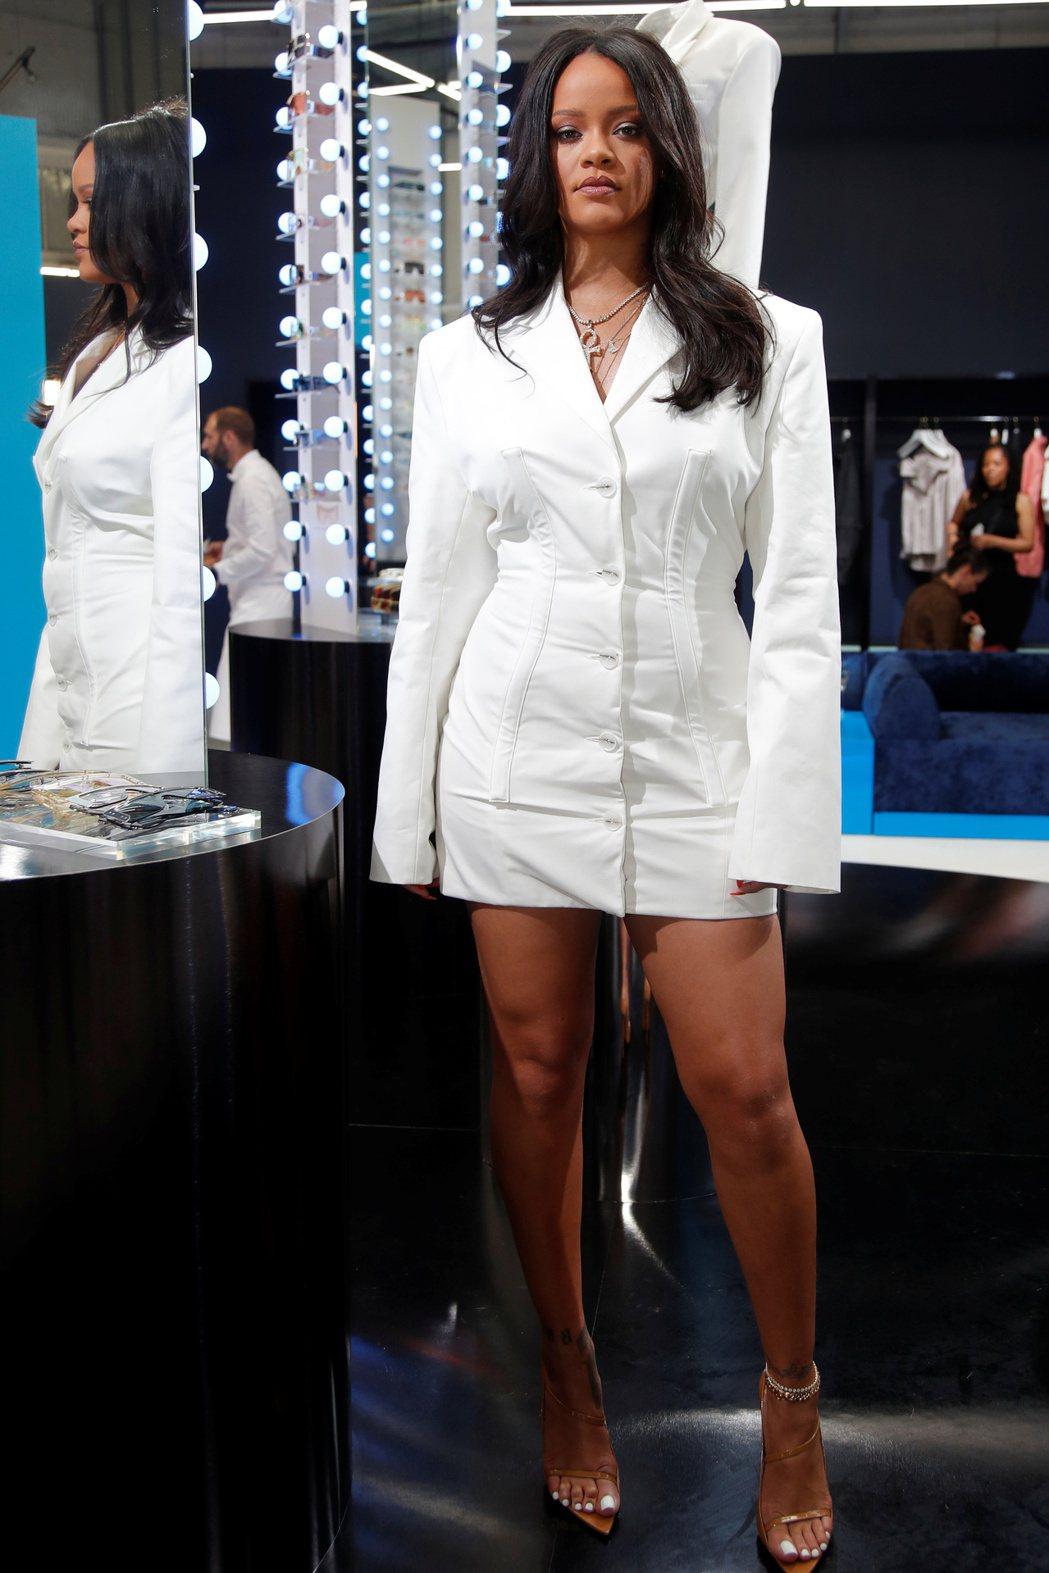 蕾哈娜靠自創彩妝銷售,成為樂壇富豪。圖/路透資料照片